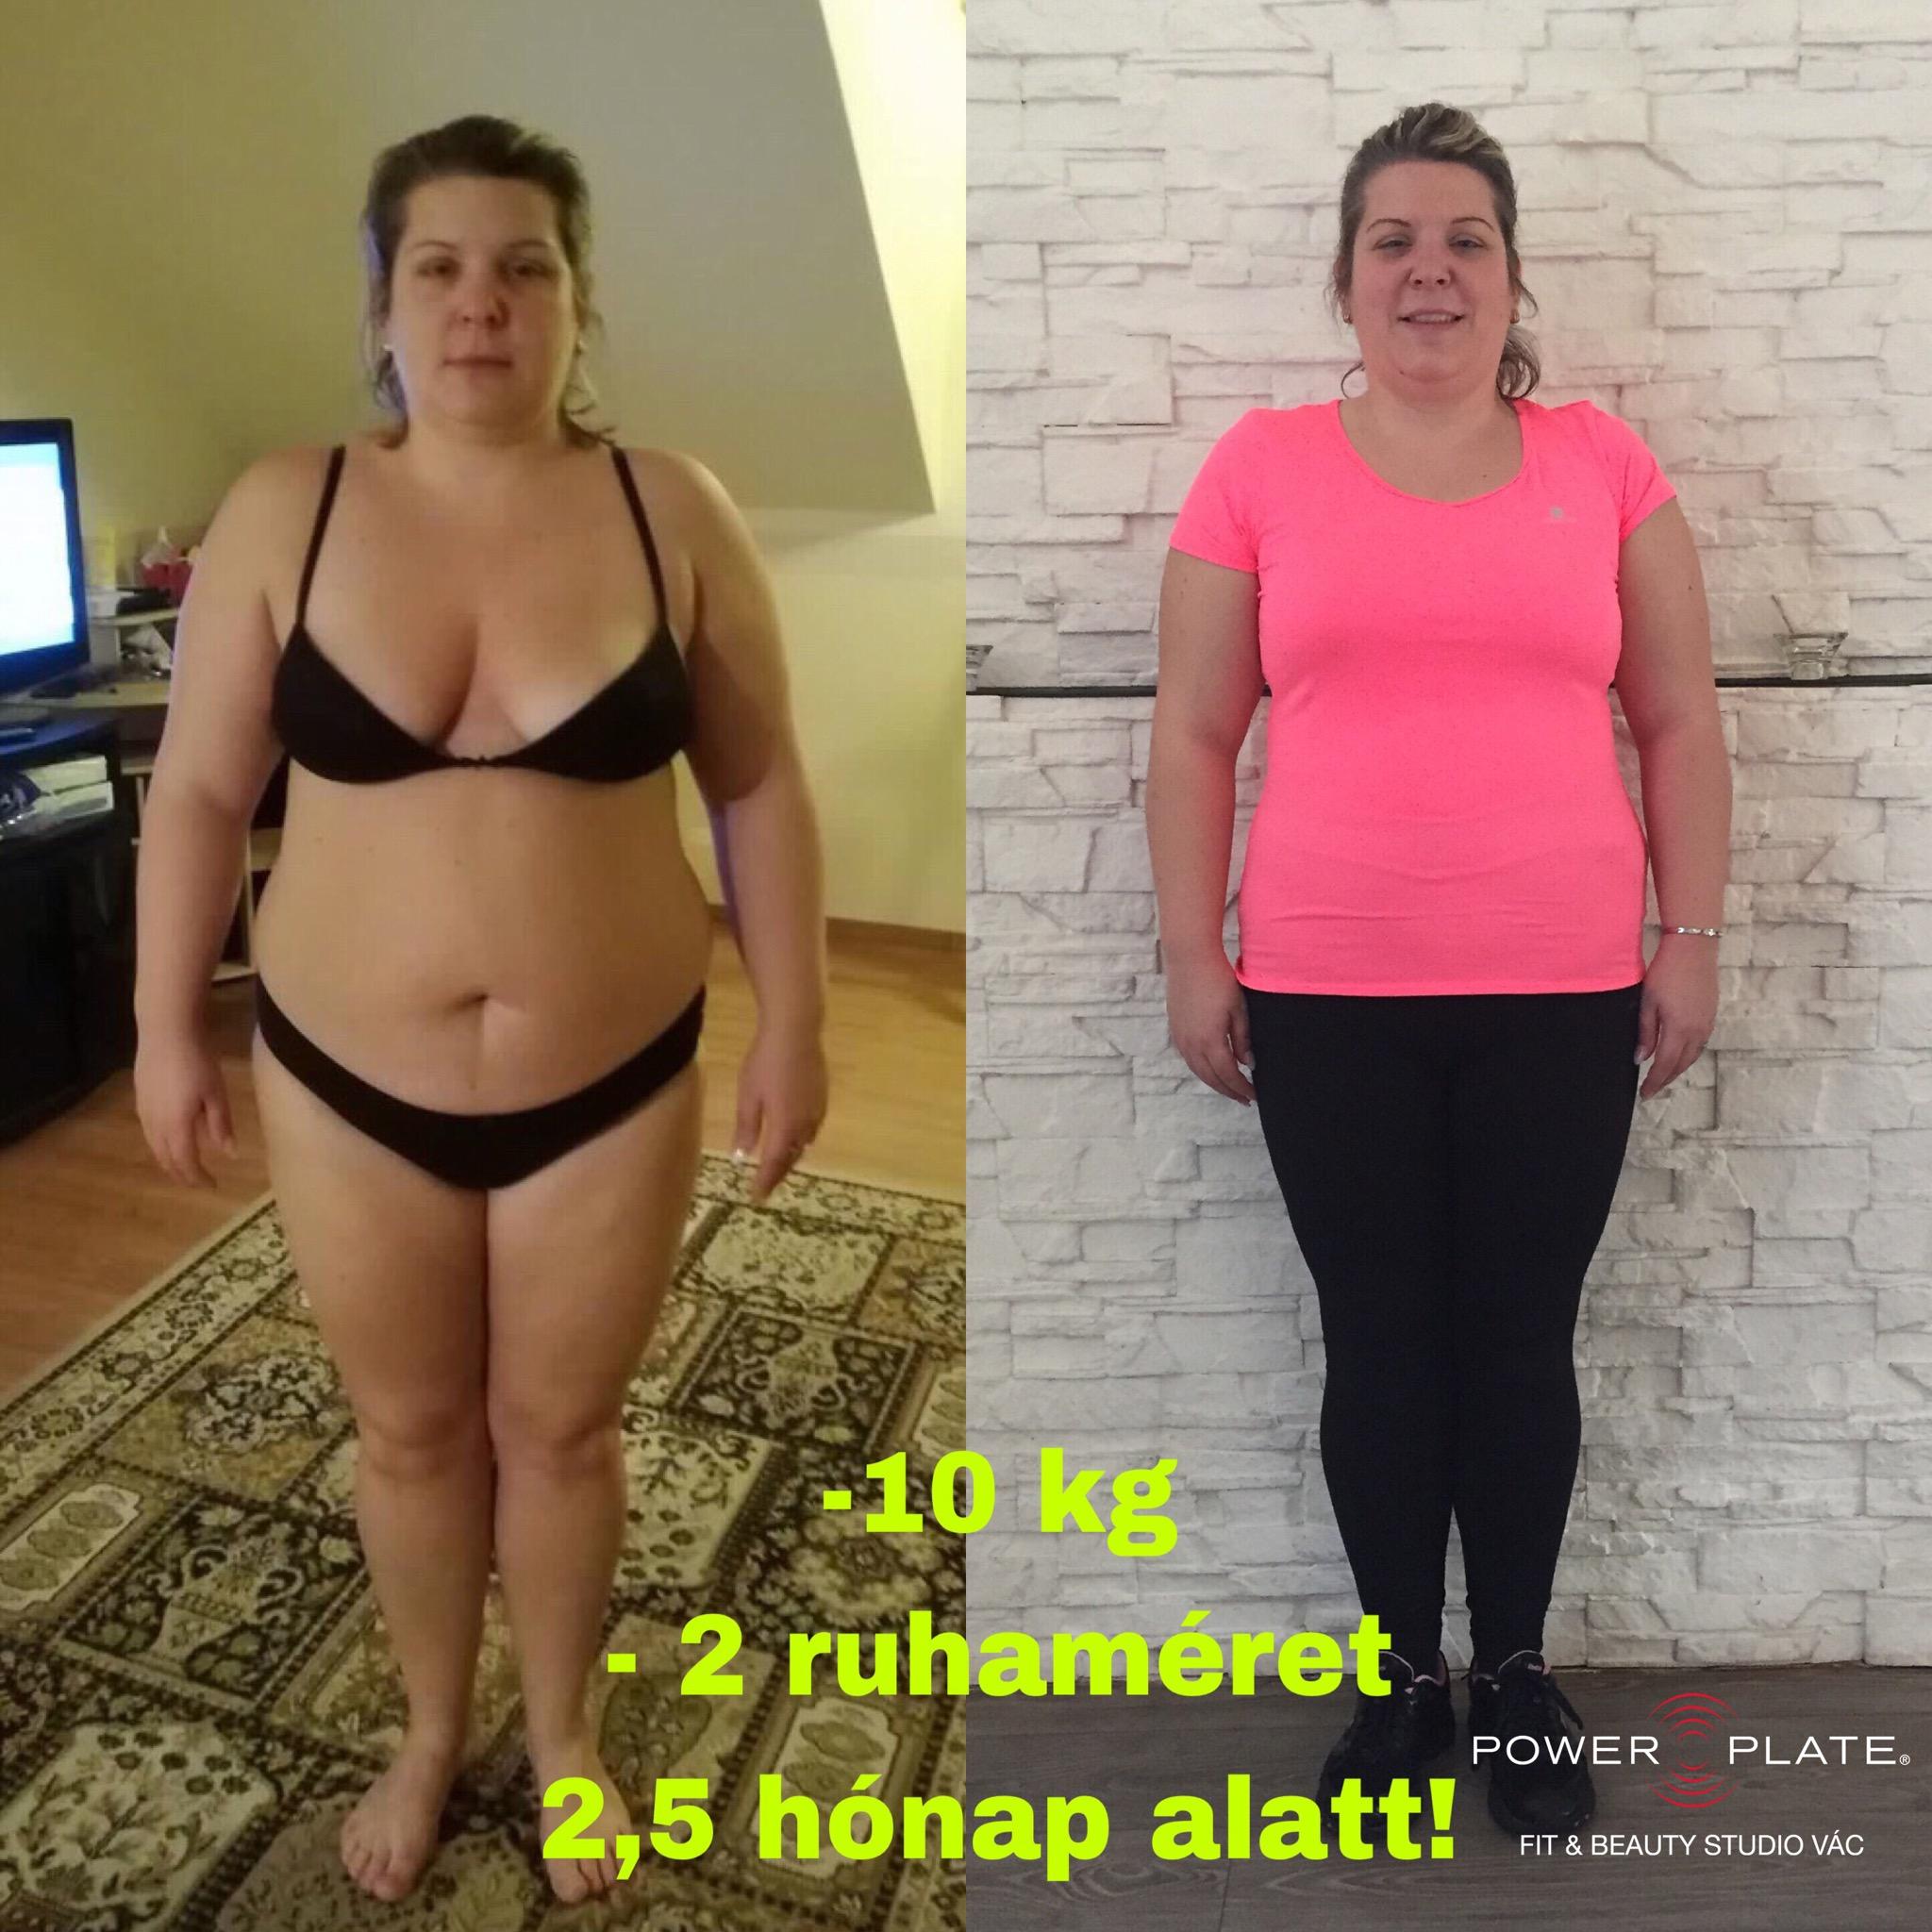 Hónap diéta recept mínusz 20 kg